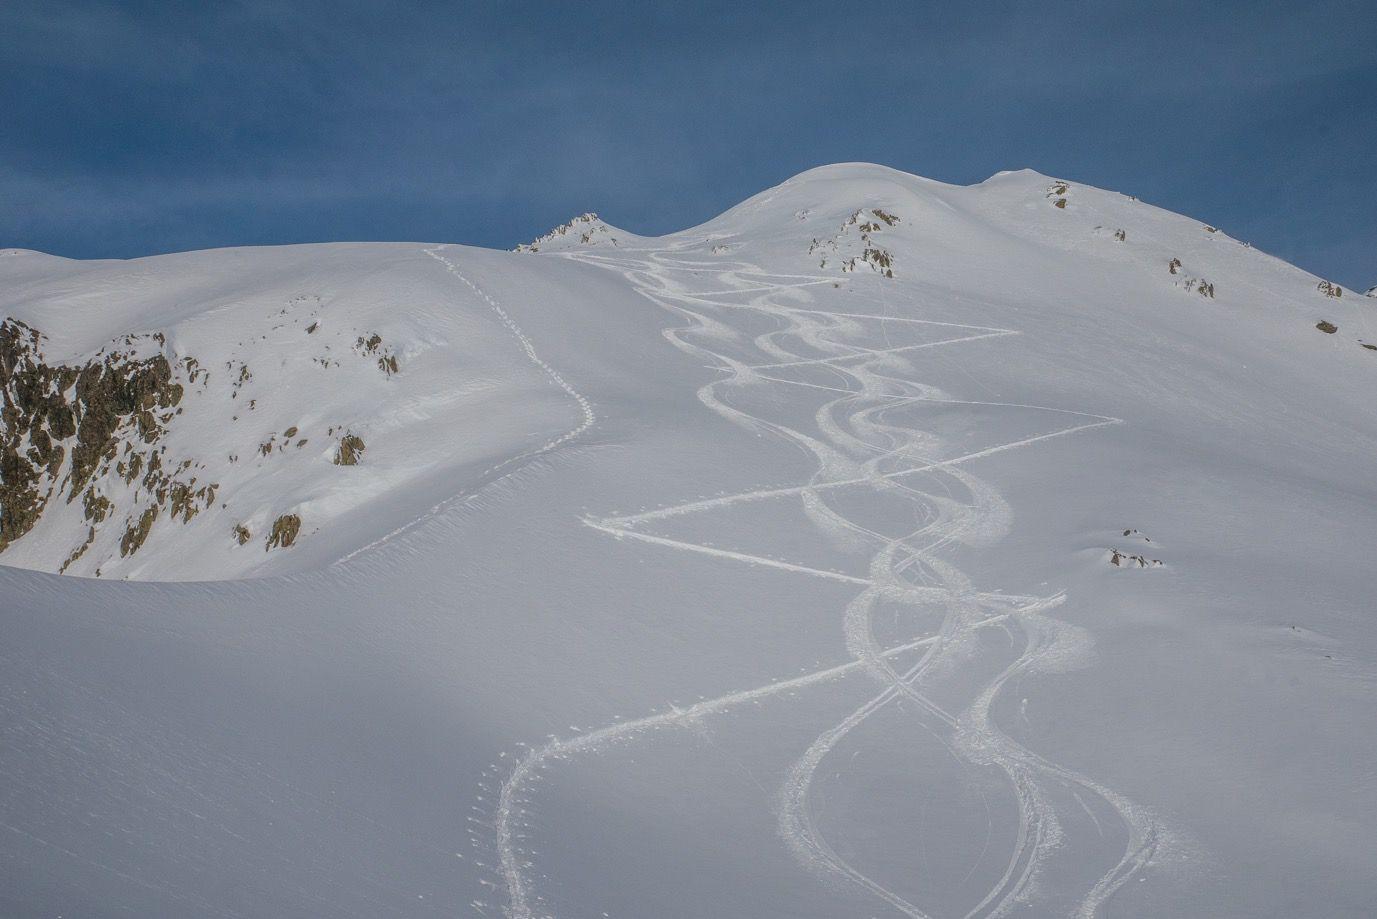 Au final, une petite couche de neige salvatrice viendra sauver les vacances en terme de qualité de ski. Et du soleil : pratiquement une sortie tous les jours après Noël. Essentiellement en belledonne